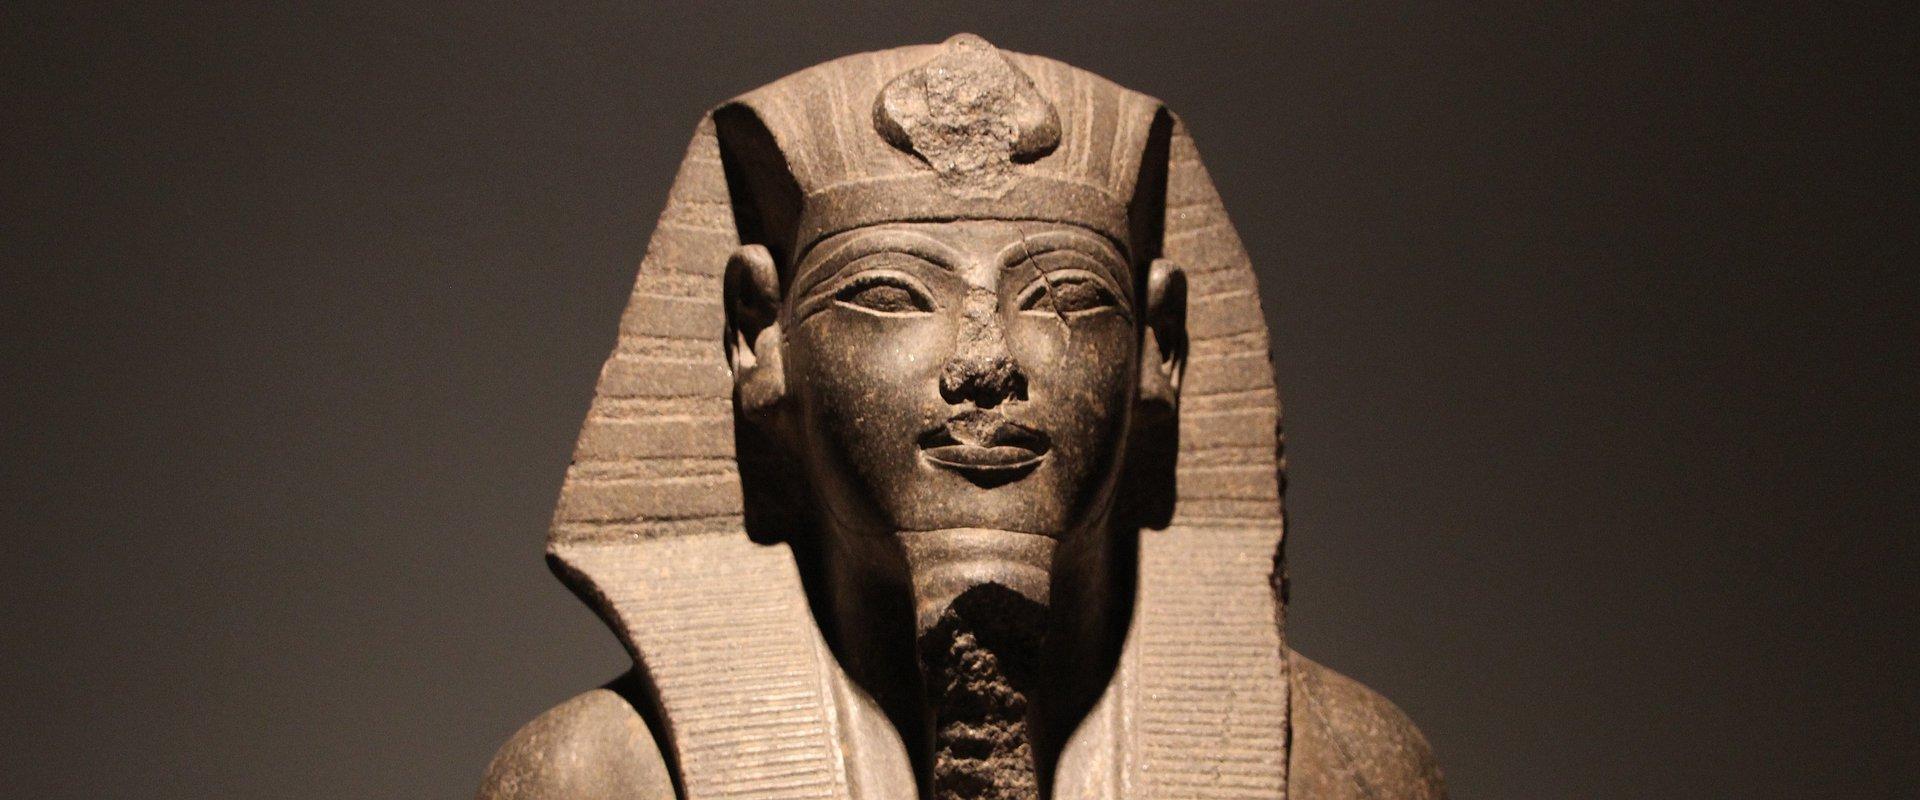 """Starożytne znalezisko, które zdziwiło nawet archeologów. """"Egipt: tajemnica grobowca"""" w czerwcu na kanale National Geographic"""